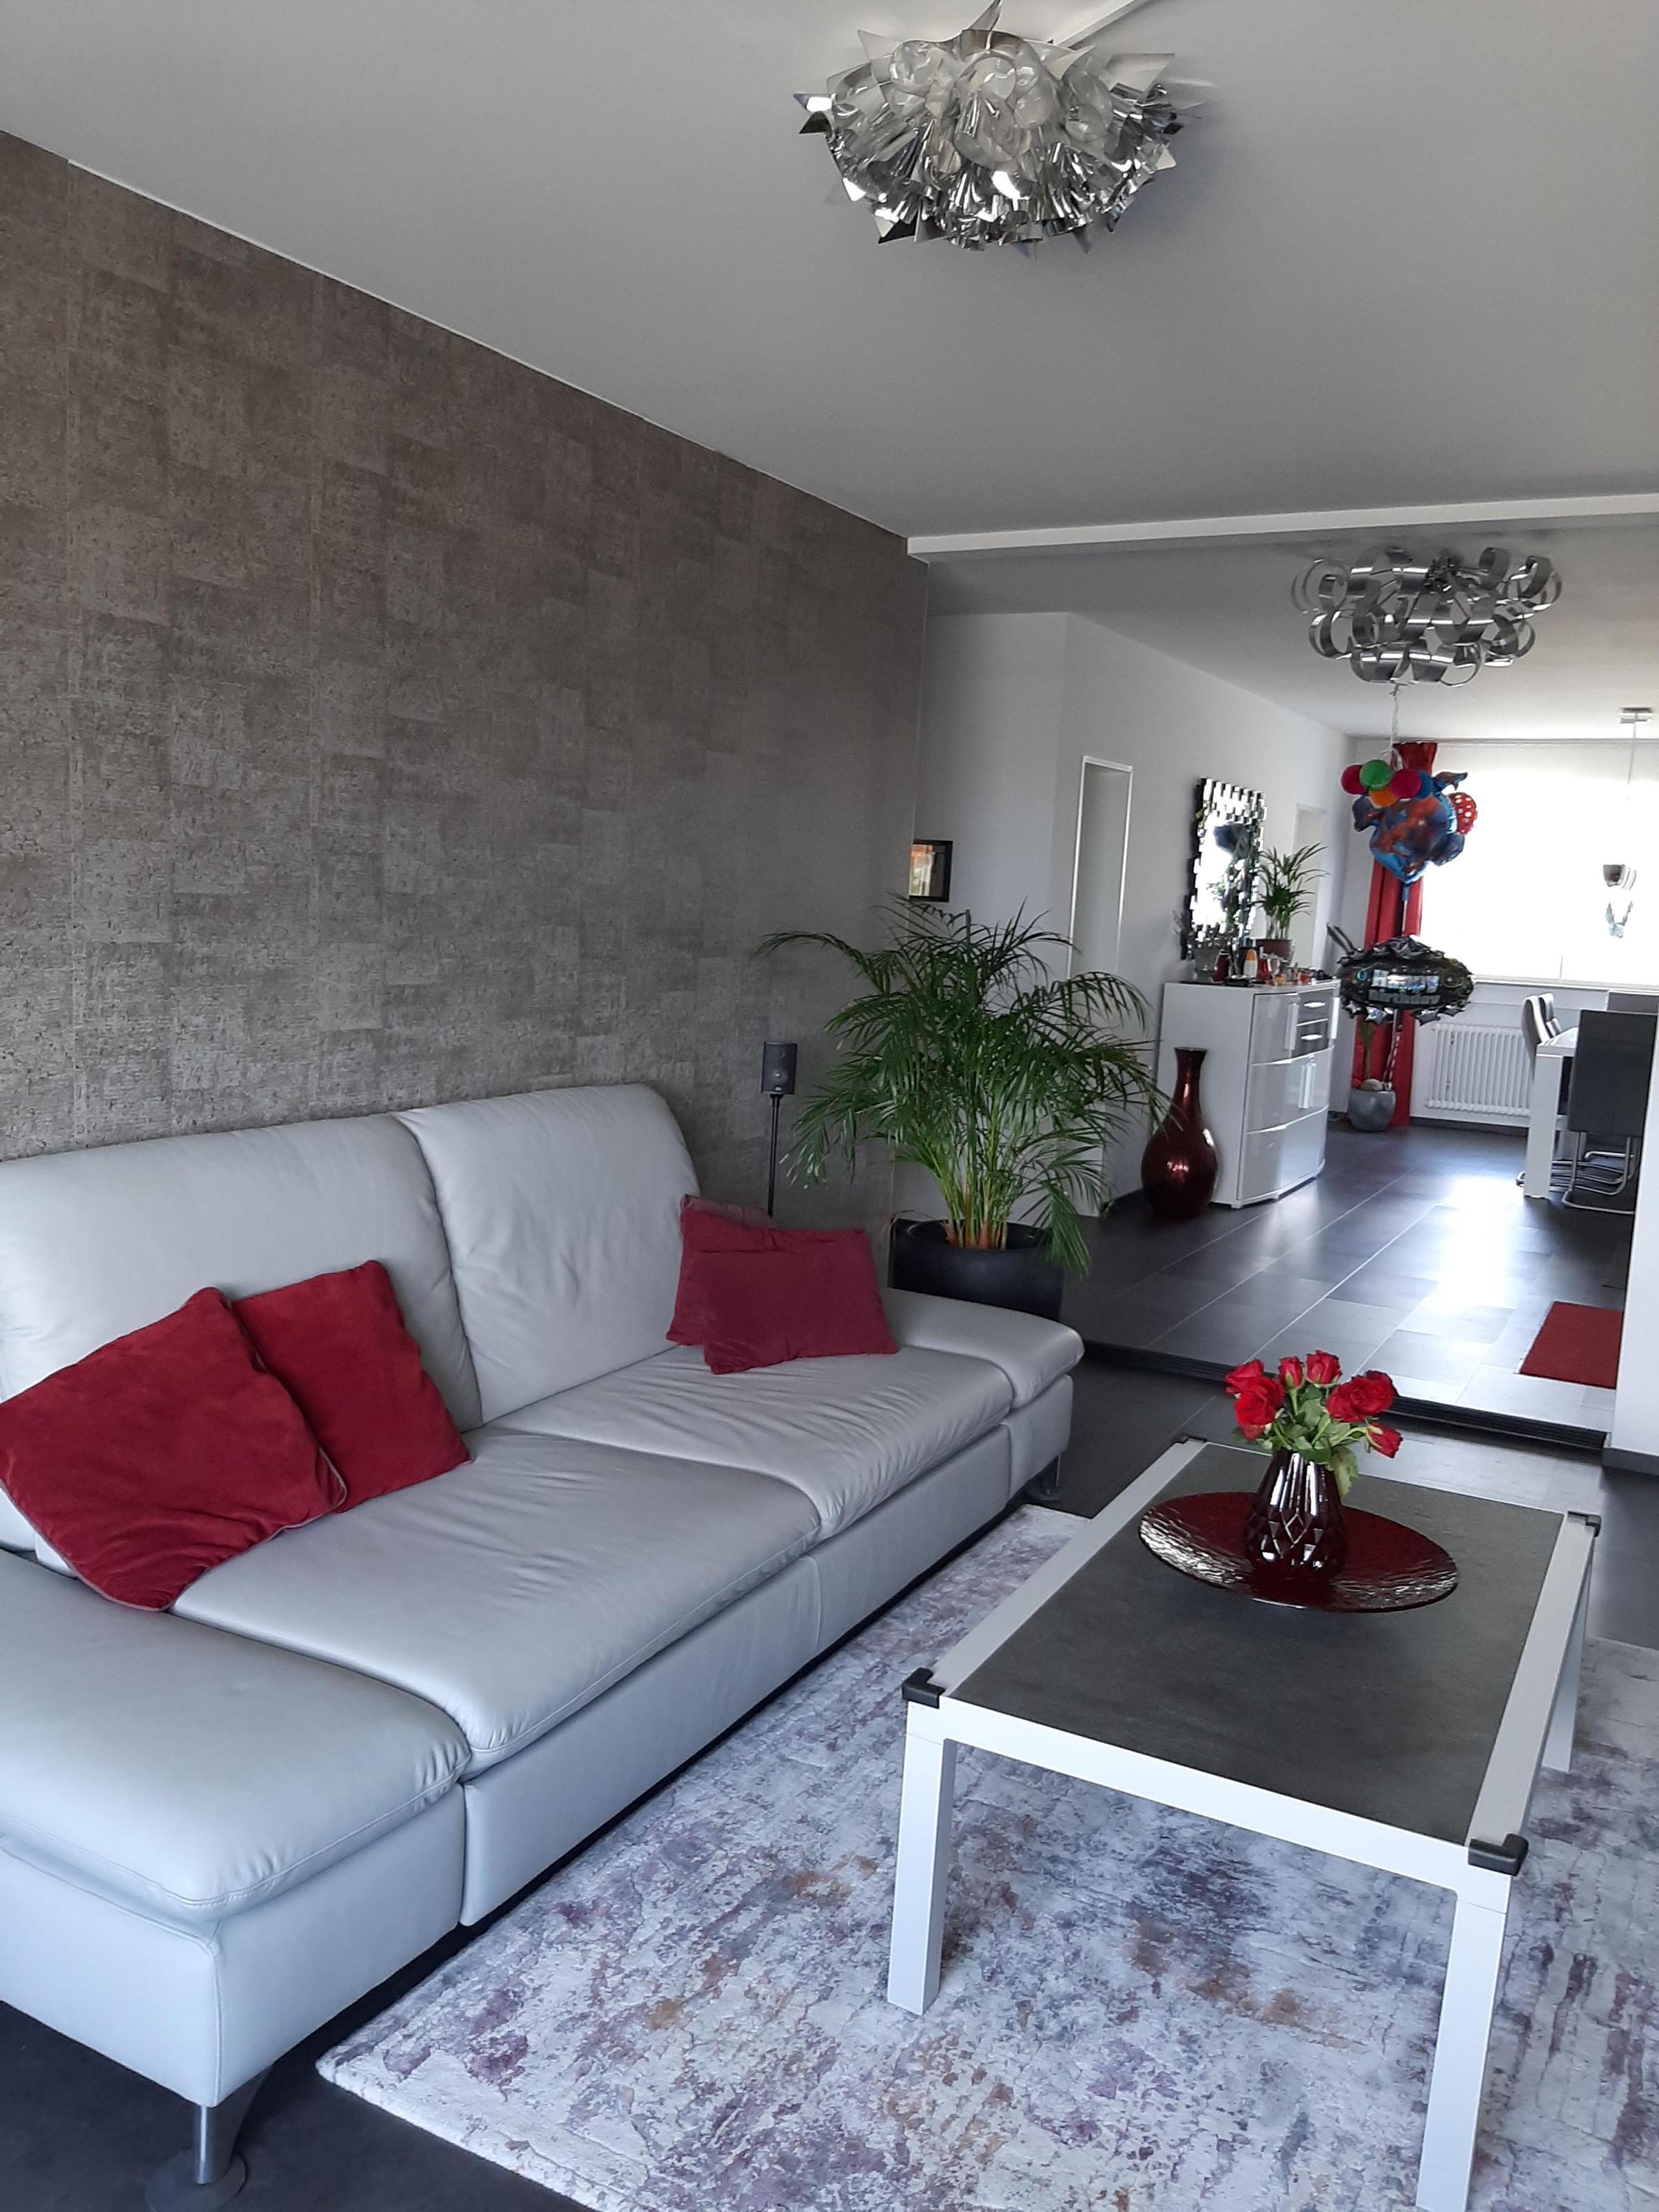 Tapeten Ideen Für Die Wandgestaltung Bei Couch von Wohnzimmer Tapeten Ideen Photo